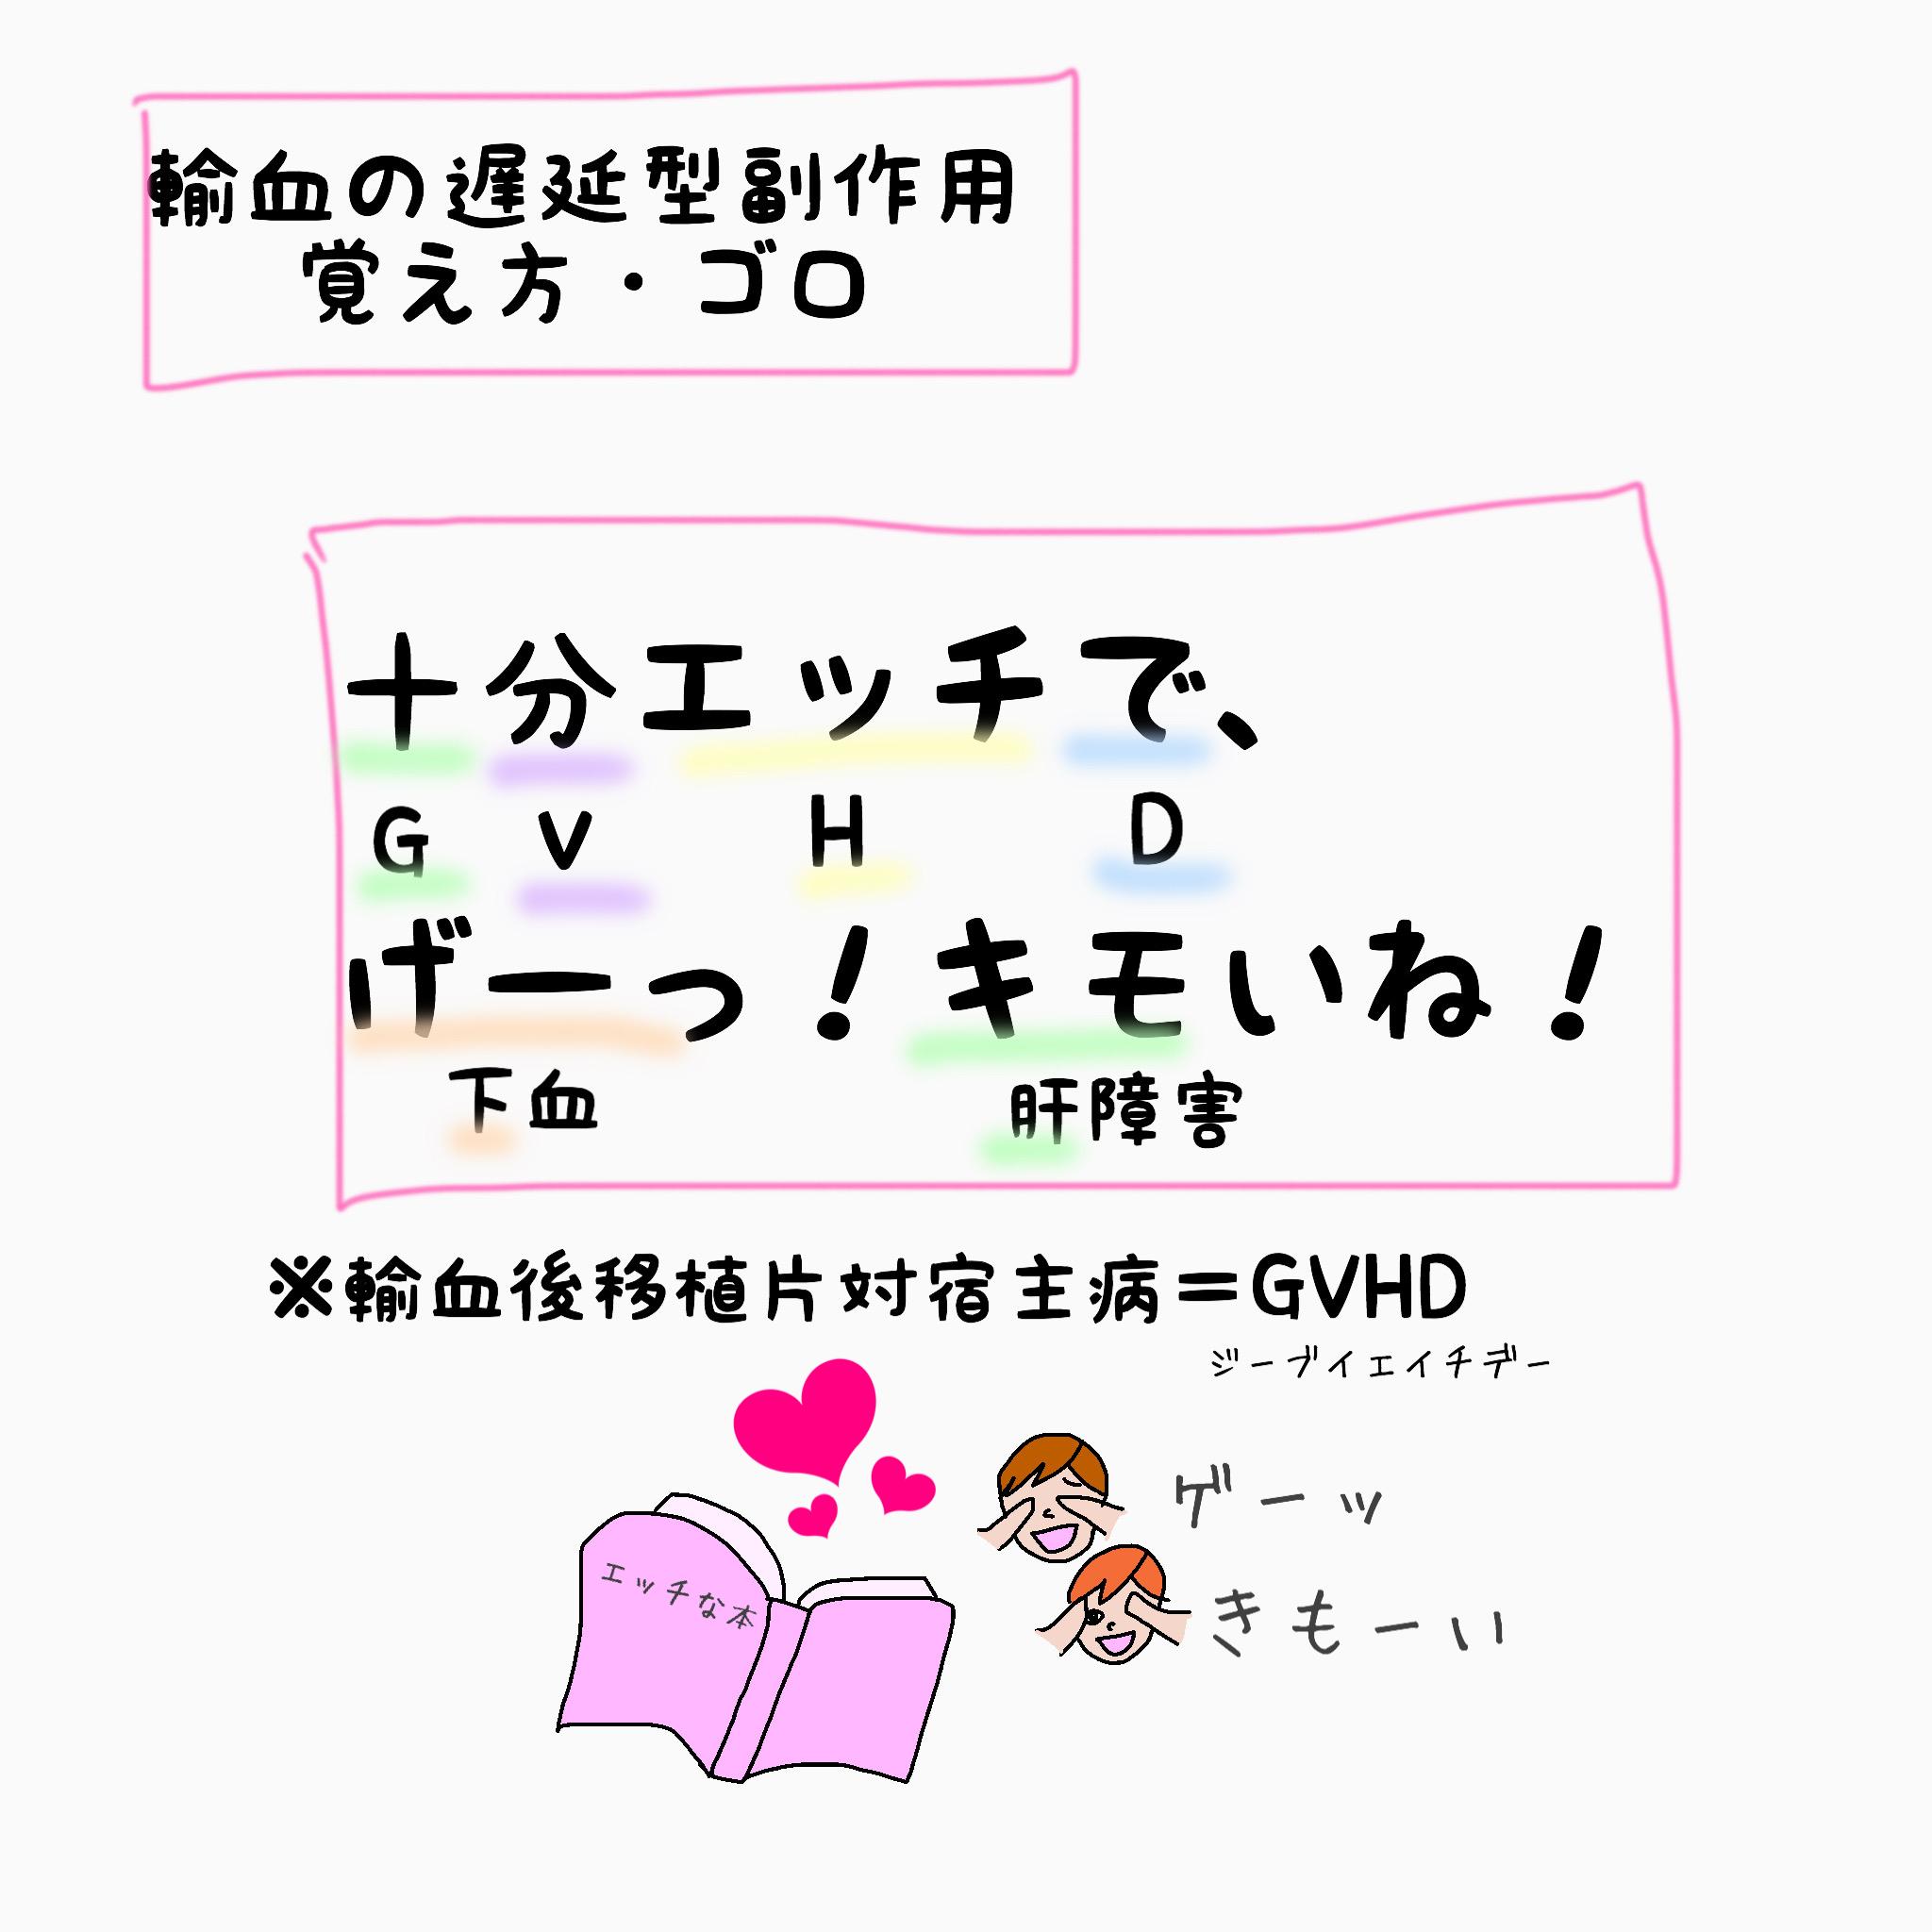 輸血 GVHD 覚え方